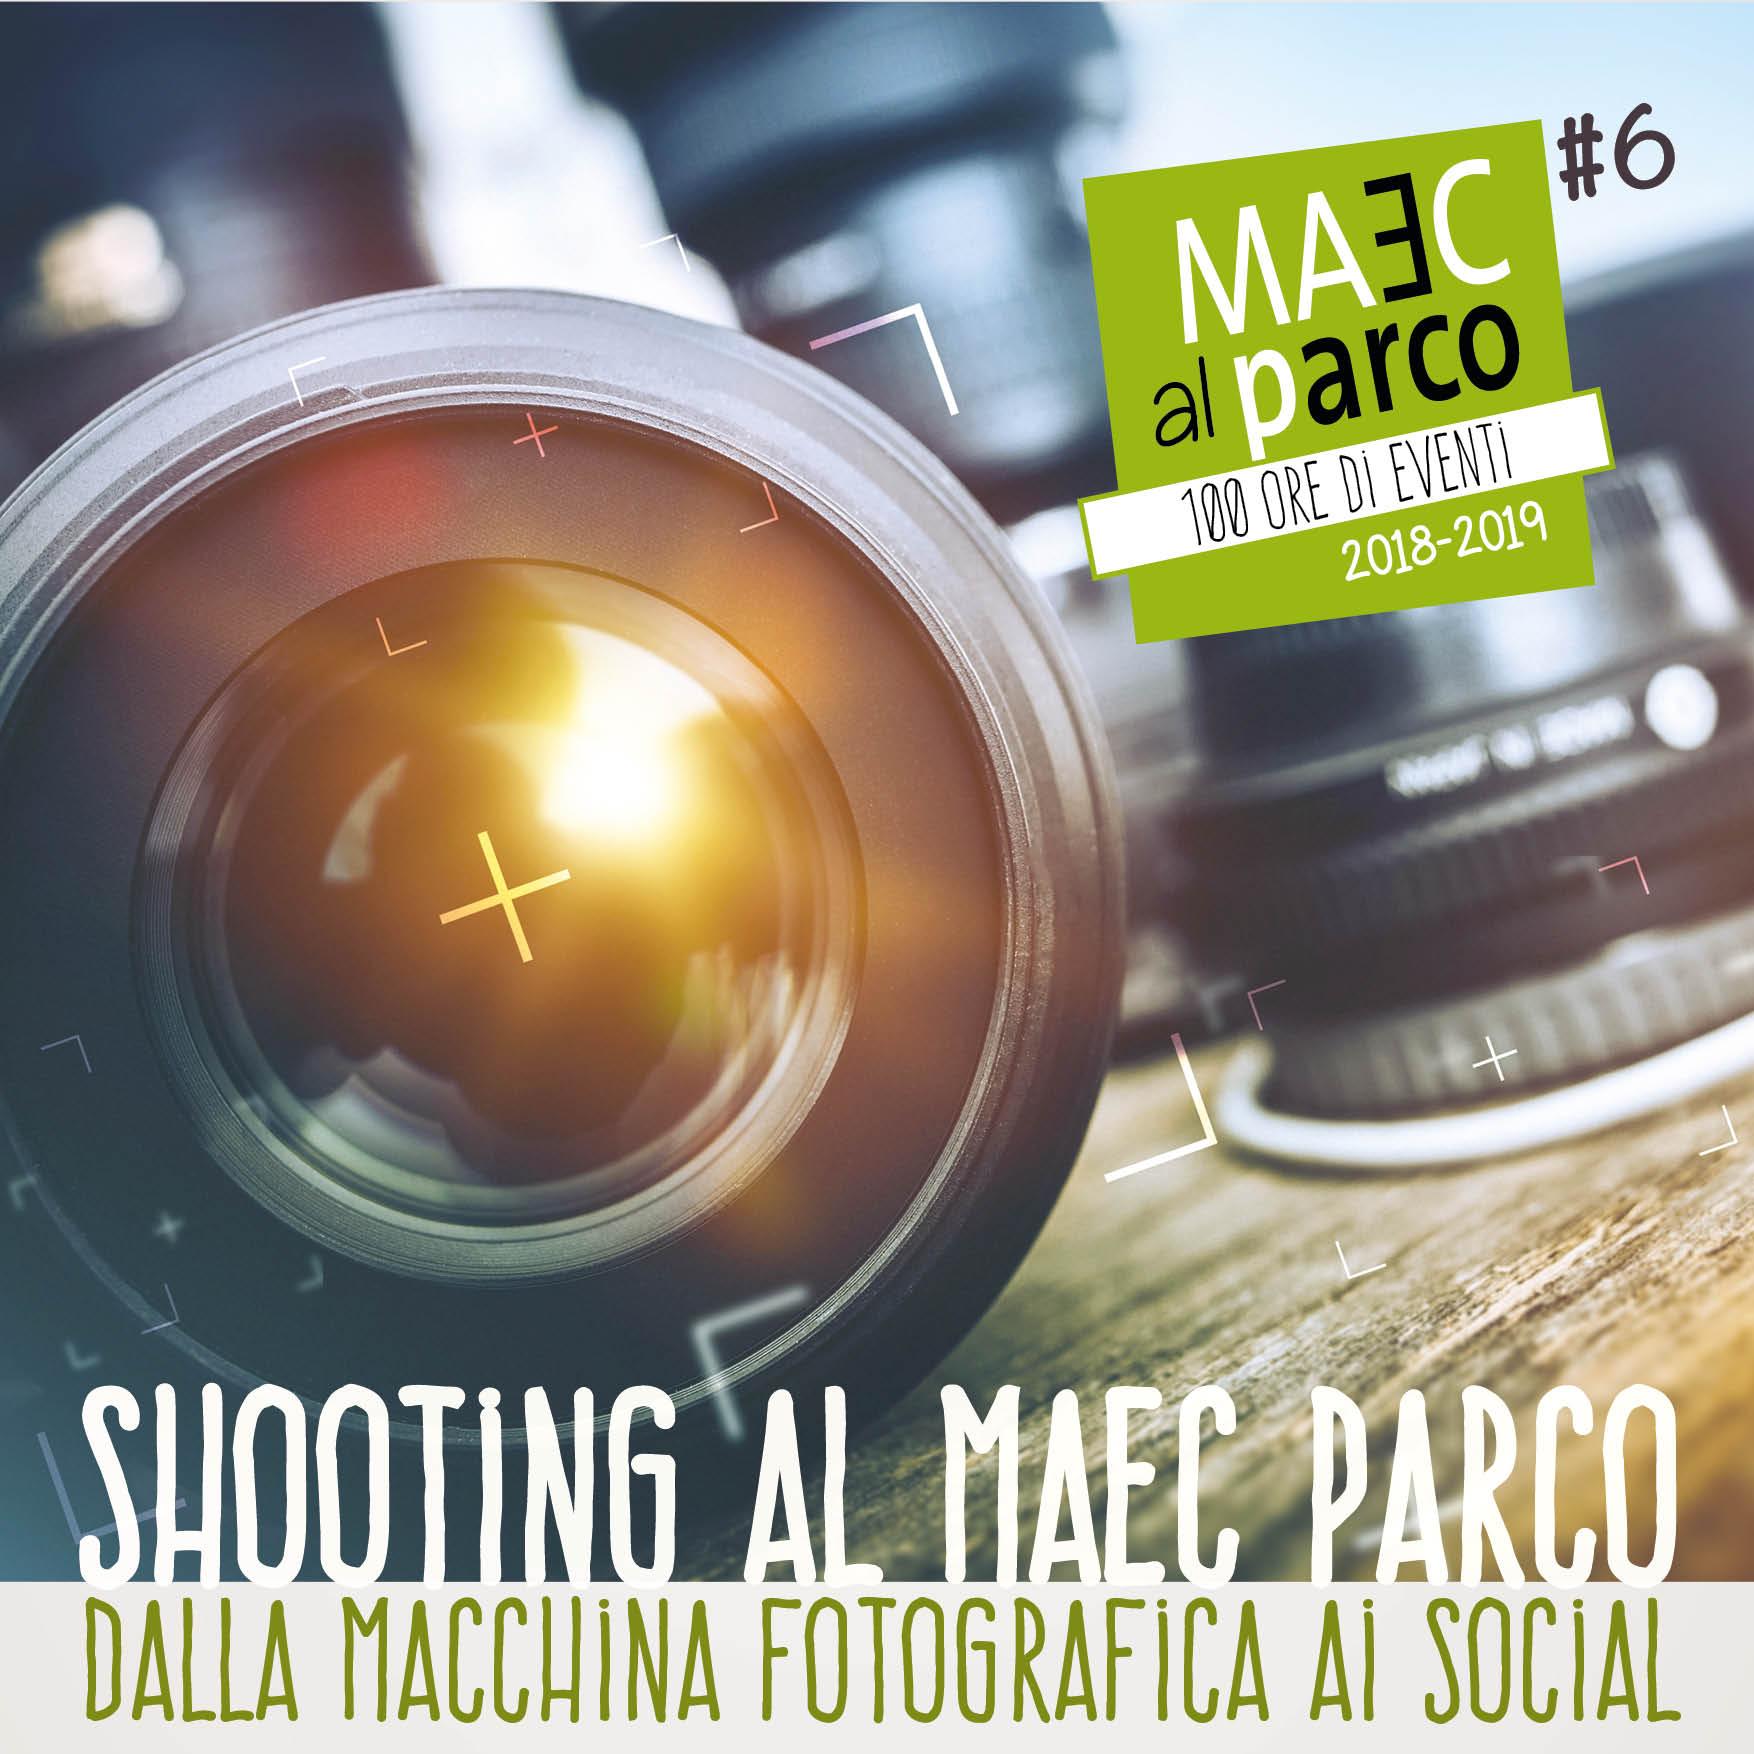 workshop sull'uso della macchina fotografica e uso social per promuovere la cultura